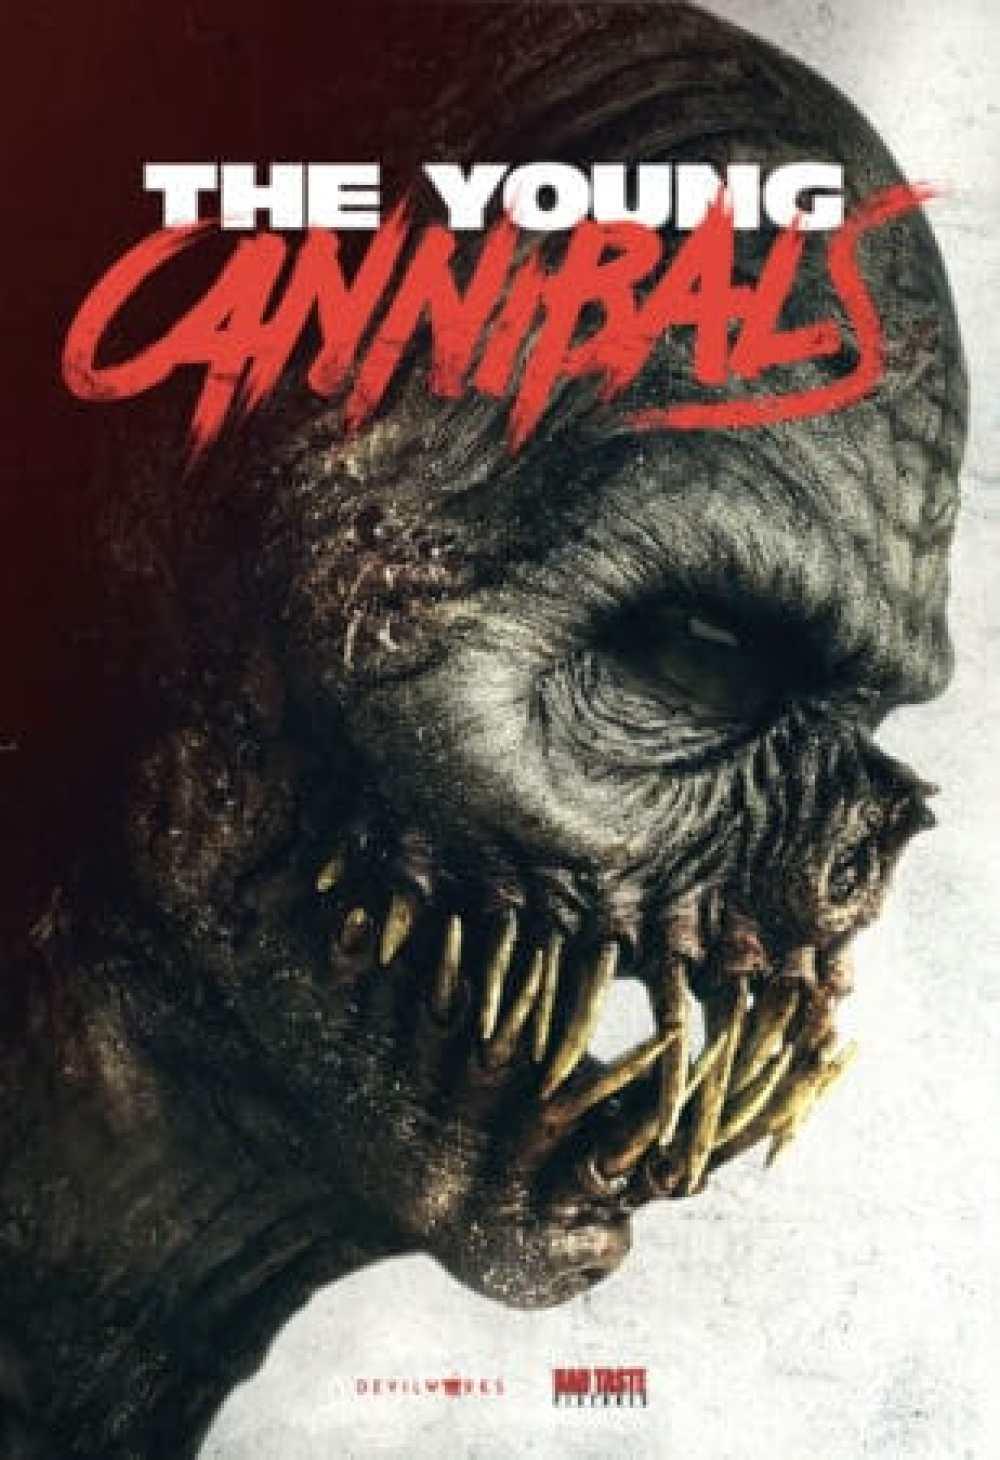 Trailer News: Bennett's War, The Young Cannibals, The